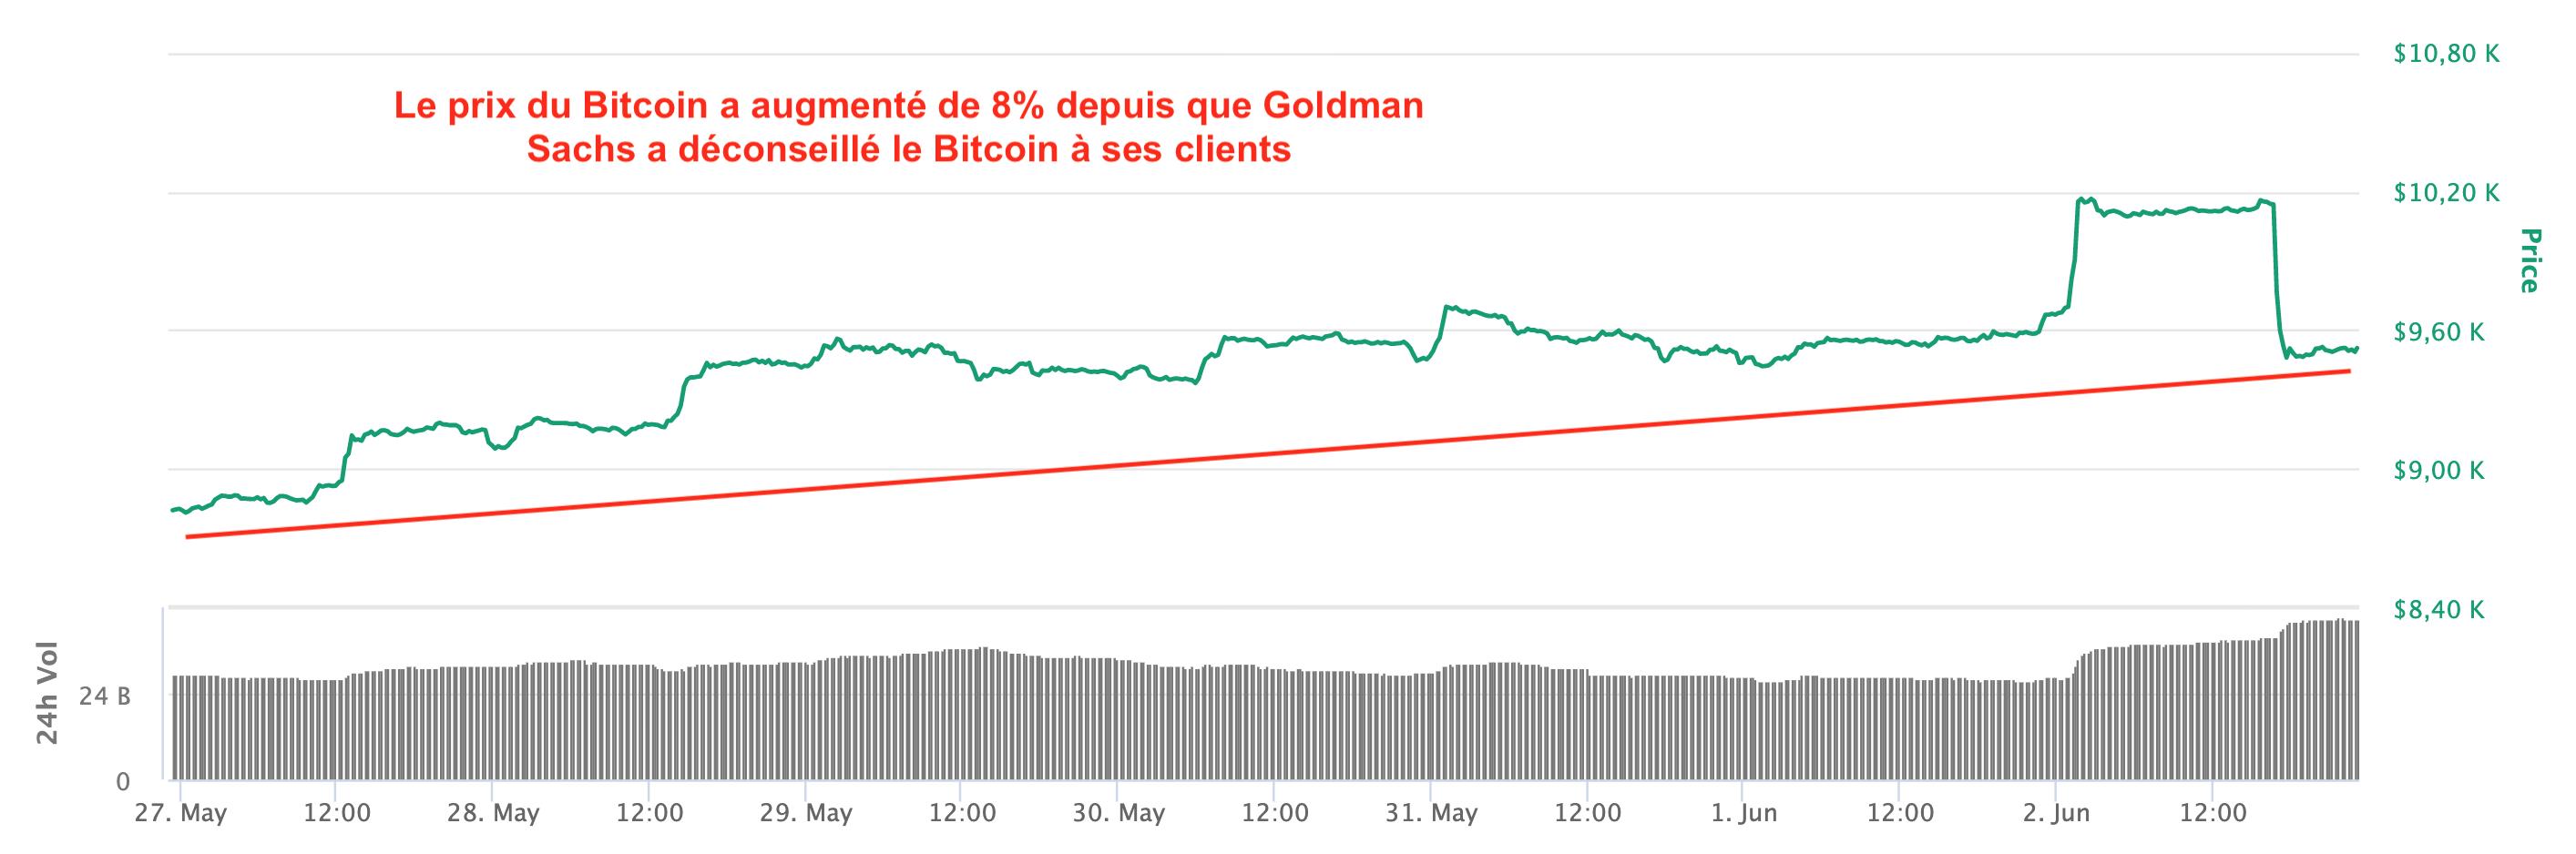 Le prix du Bitcoin a augmenté de 8% depuis que Goldman Sachs a déconseillé à ses clients d'en acheter